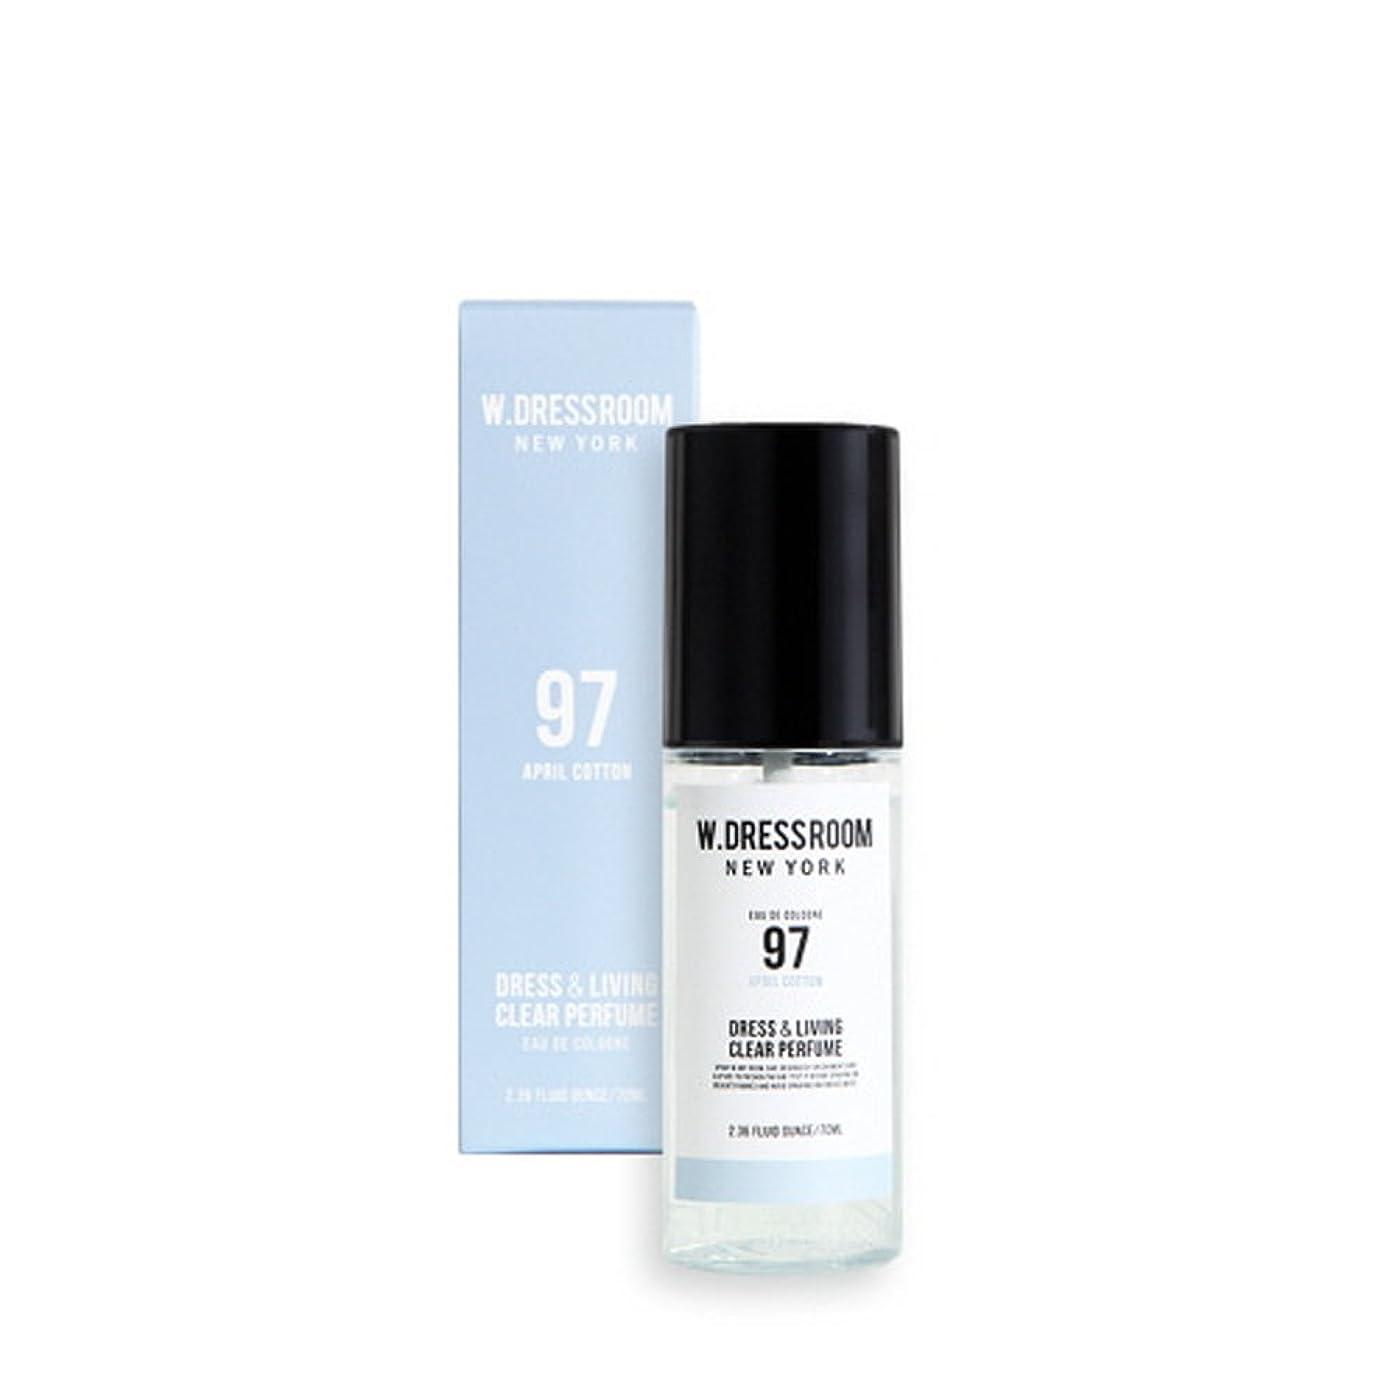 引退する移民丈夫W.DRESSROOM Dress & Living Clear Perfume 70ml (#No.97 April Cotton)/ダブルドレスルーム ドレス&リビング クリア パフューム 70ml (#No.97 April Cotton) [並行輸入品]